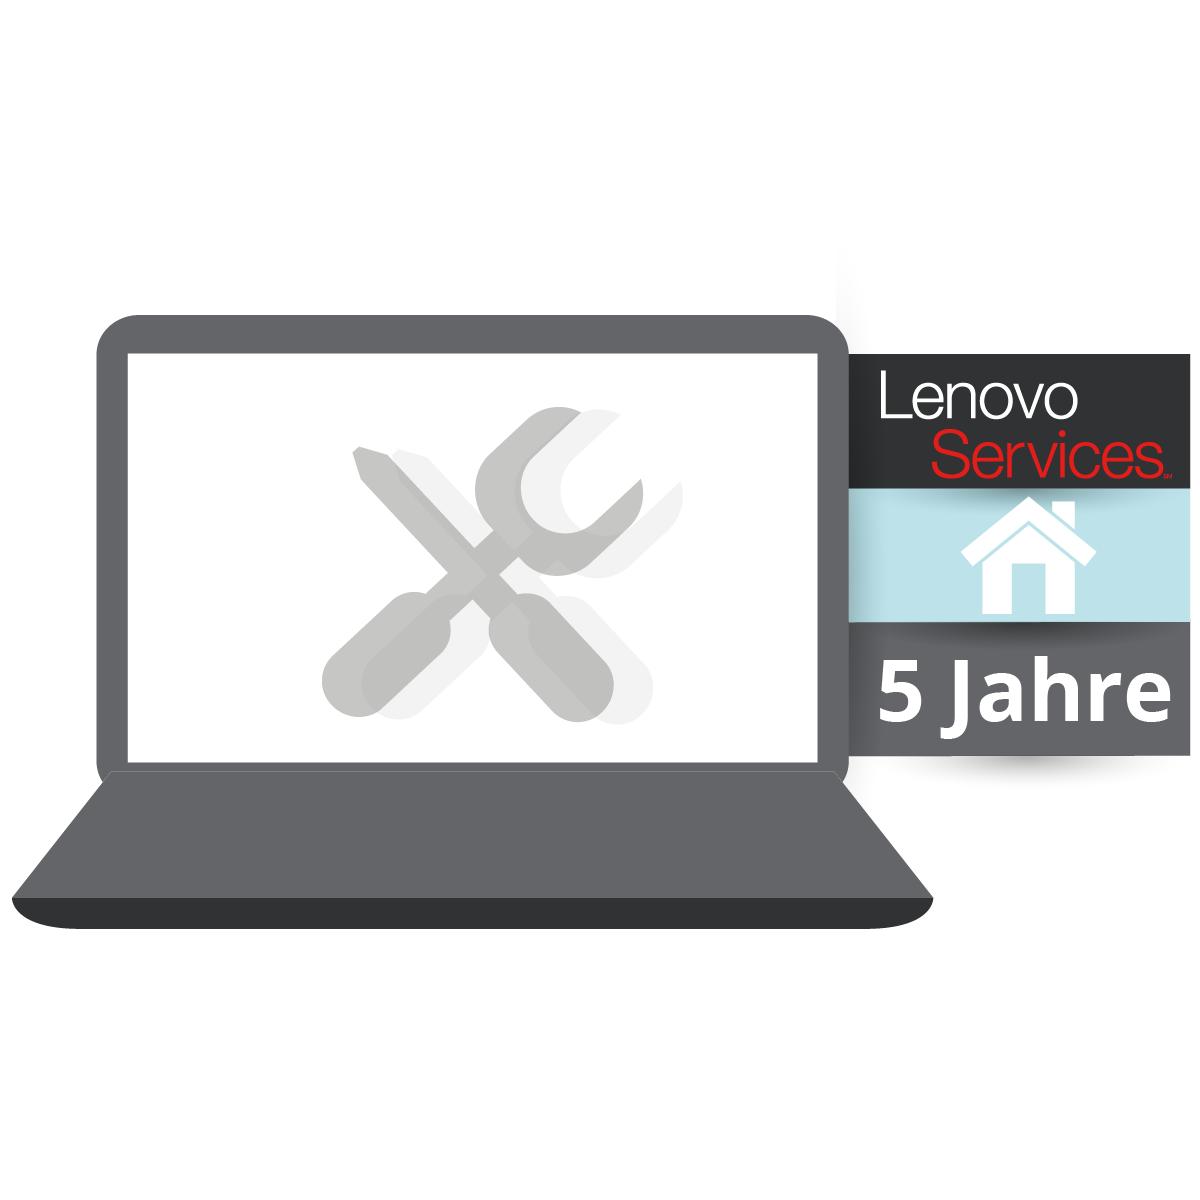 (EOL) Lenovo™ ThinkPlus® 5 Jahre Vor-Ort-Garantie (NBD) für Basisgarantie 3 Jahre Vor-Ort